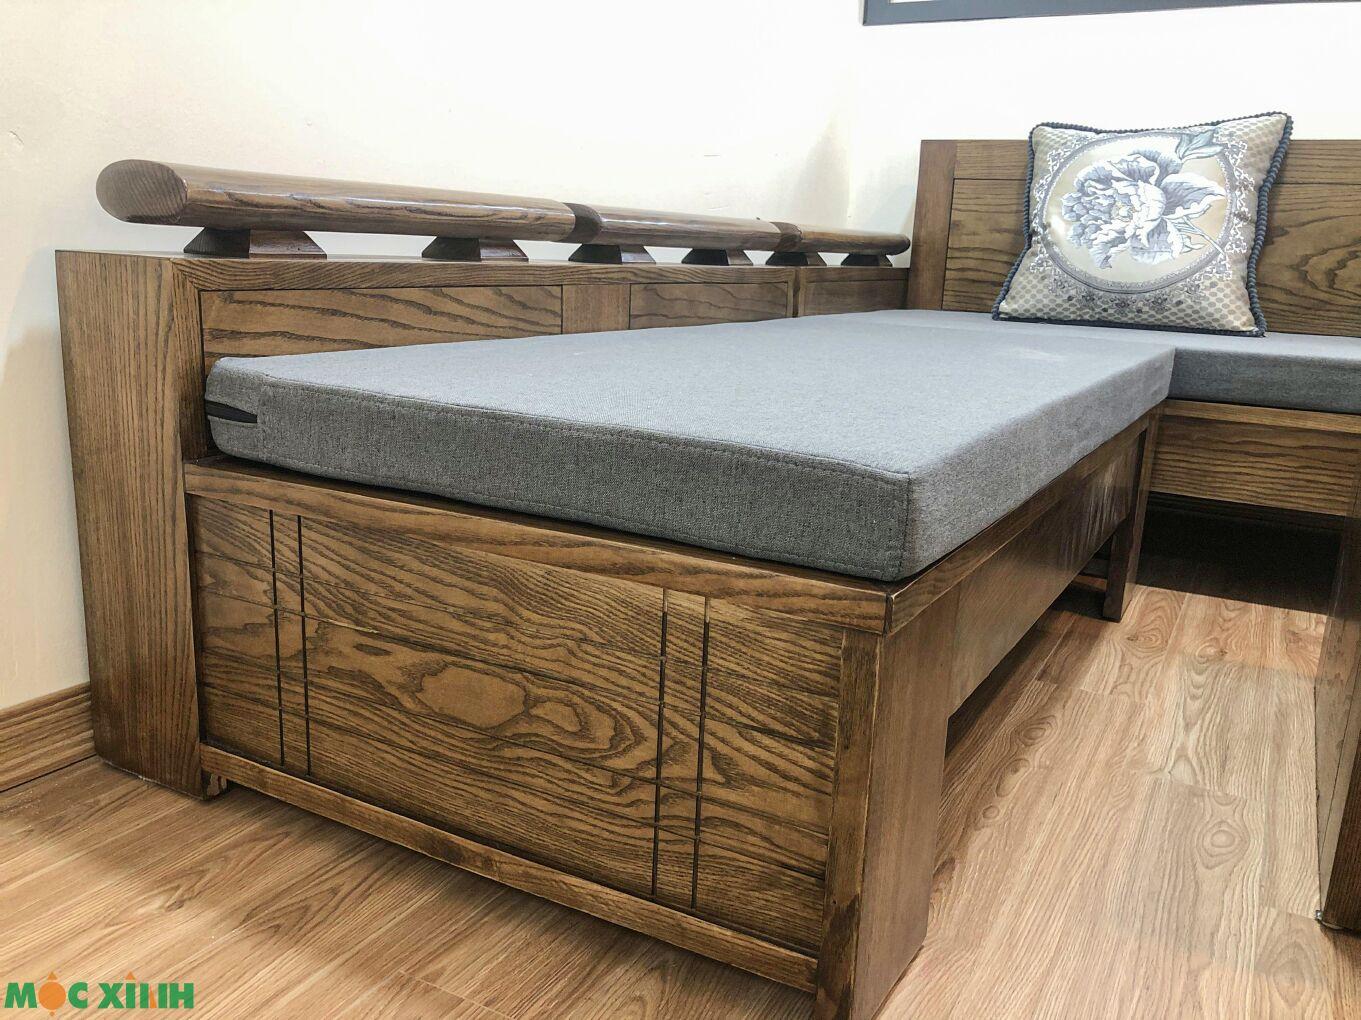 Bộ bàn ghế gỗ sồi có nệm mút êm ái